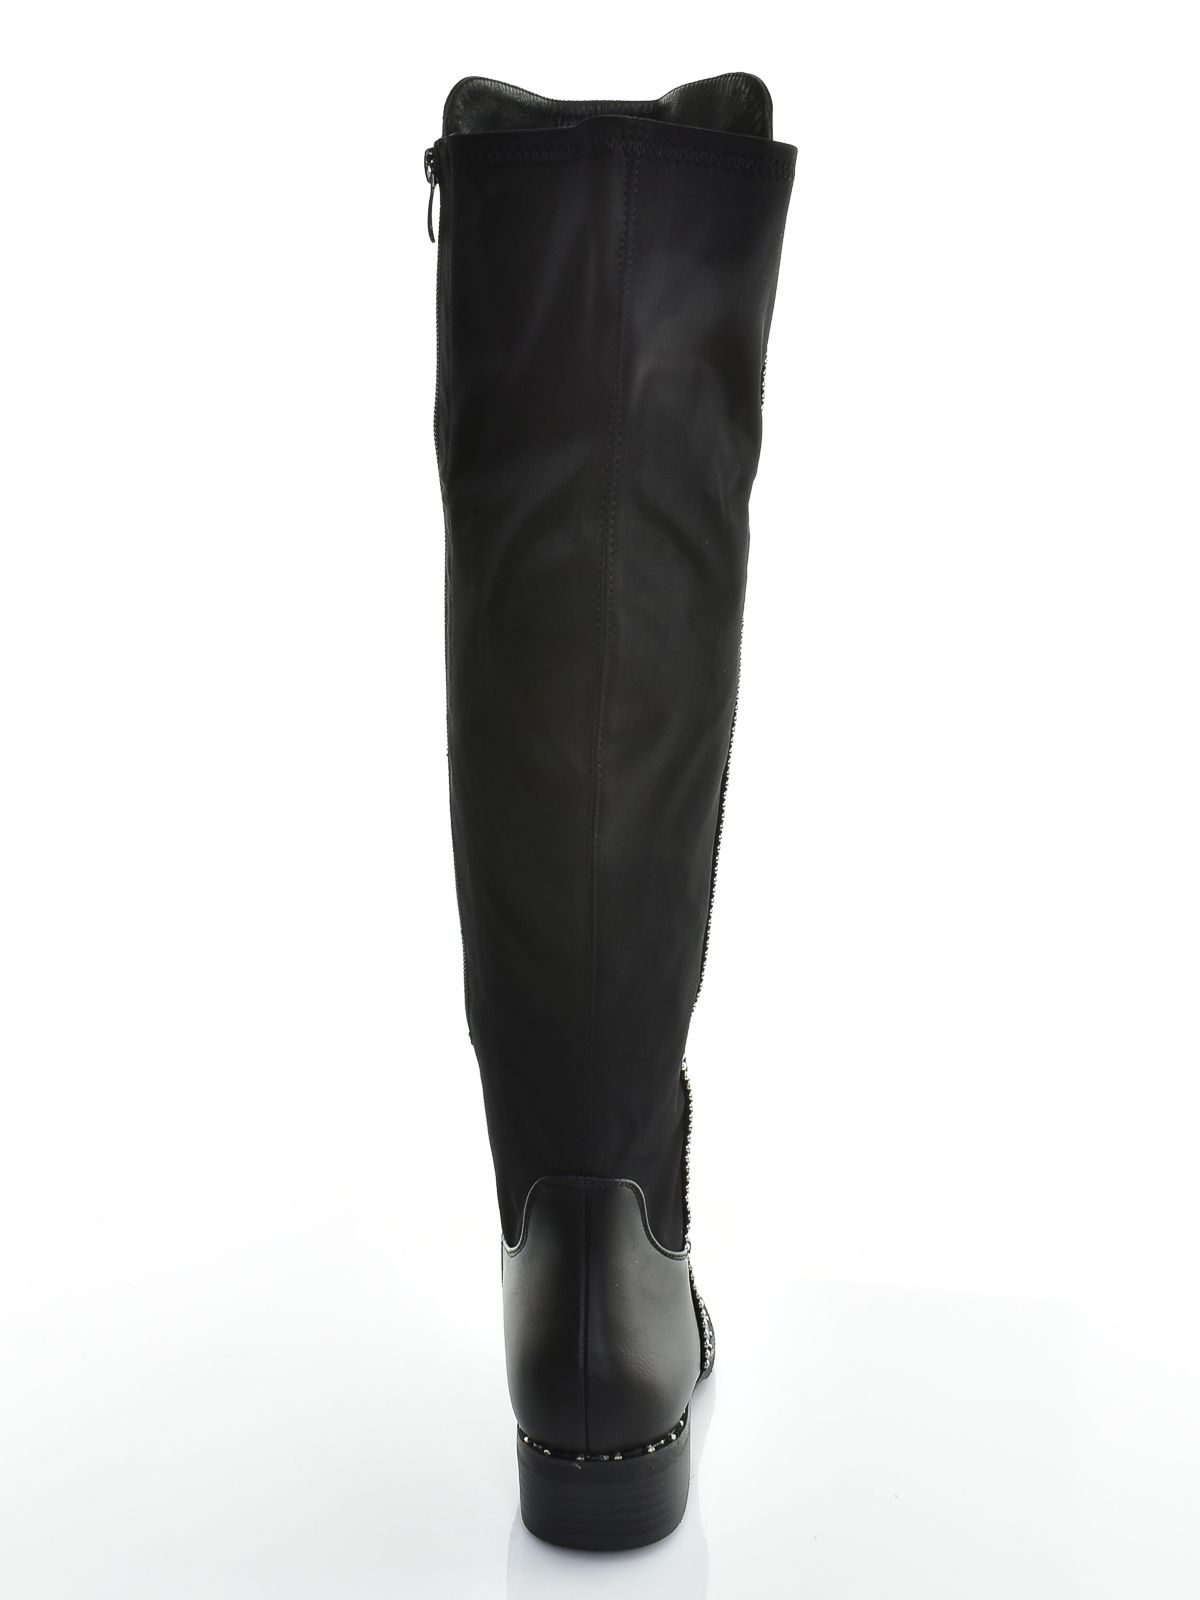 Mayo Chix női hosszúszárú csizma | Markasbolt.hu Hivatalos